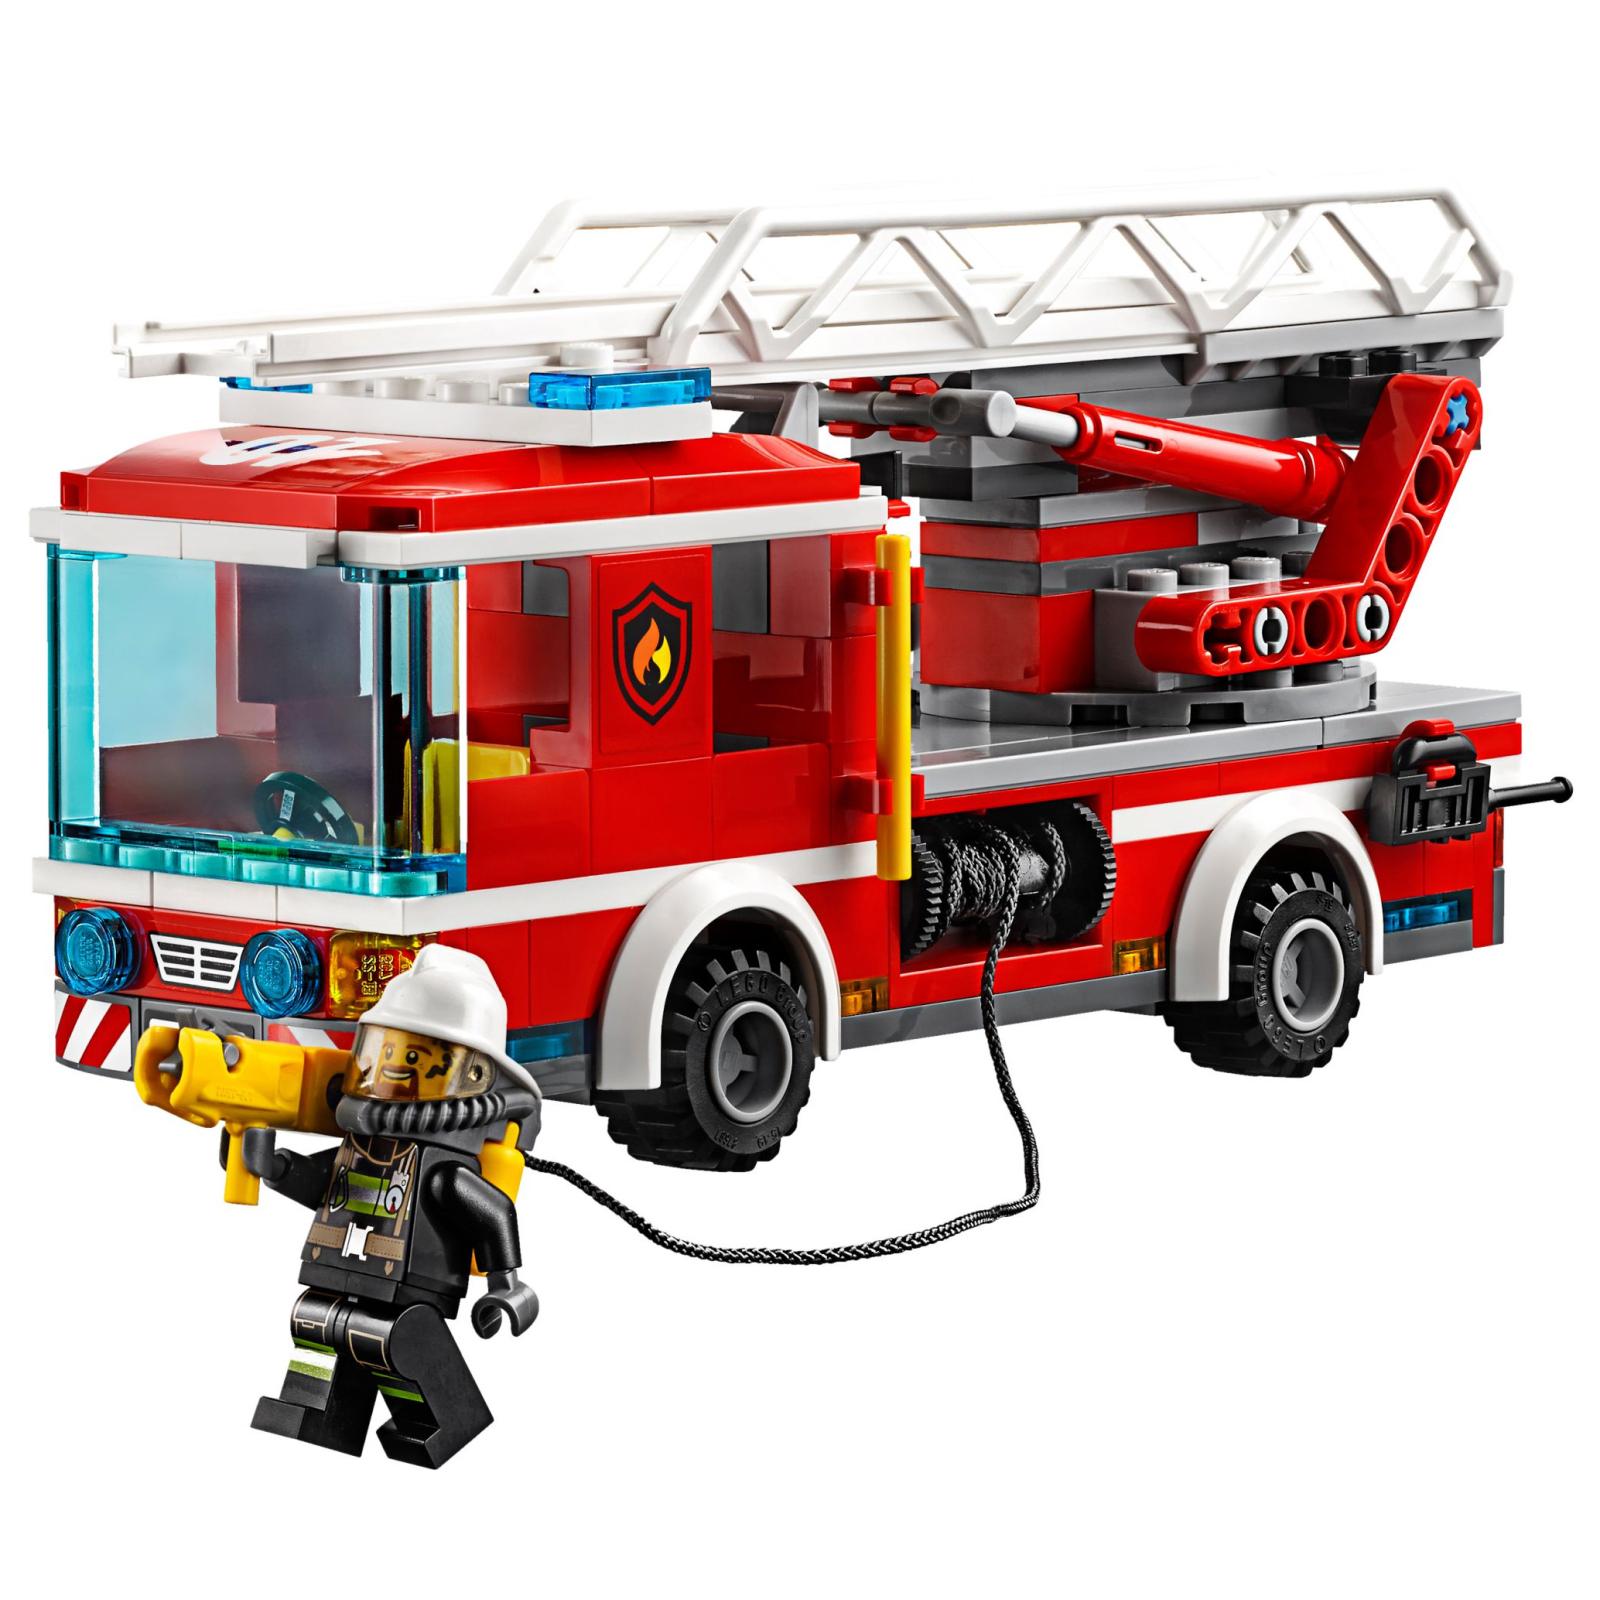 Конструктор LEGO City Fire Пожарный автомобиль с лестницей (60107) изображение 3